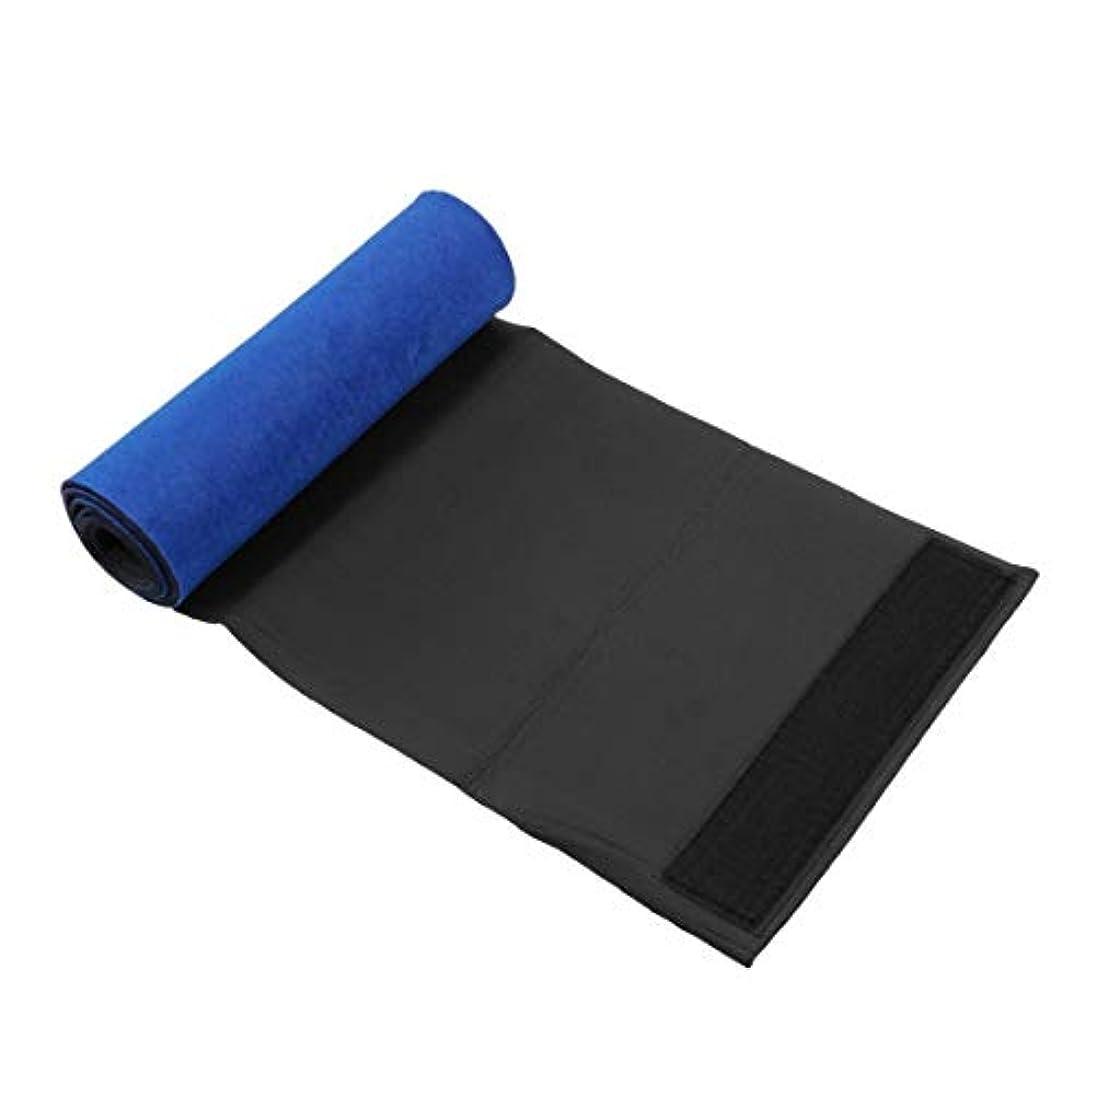 エロチックナットラベル青健康的なSlim身ベルト腹部シェイパー燃焼脂肪を失う重量フィットネス脂肪セルライトSlim身ボディシェイパーウエストベルトネオプレン(青)